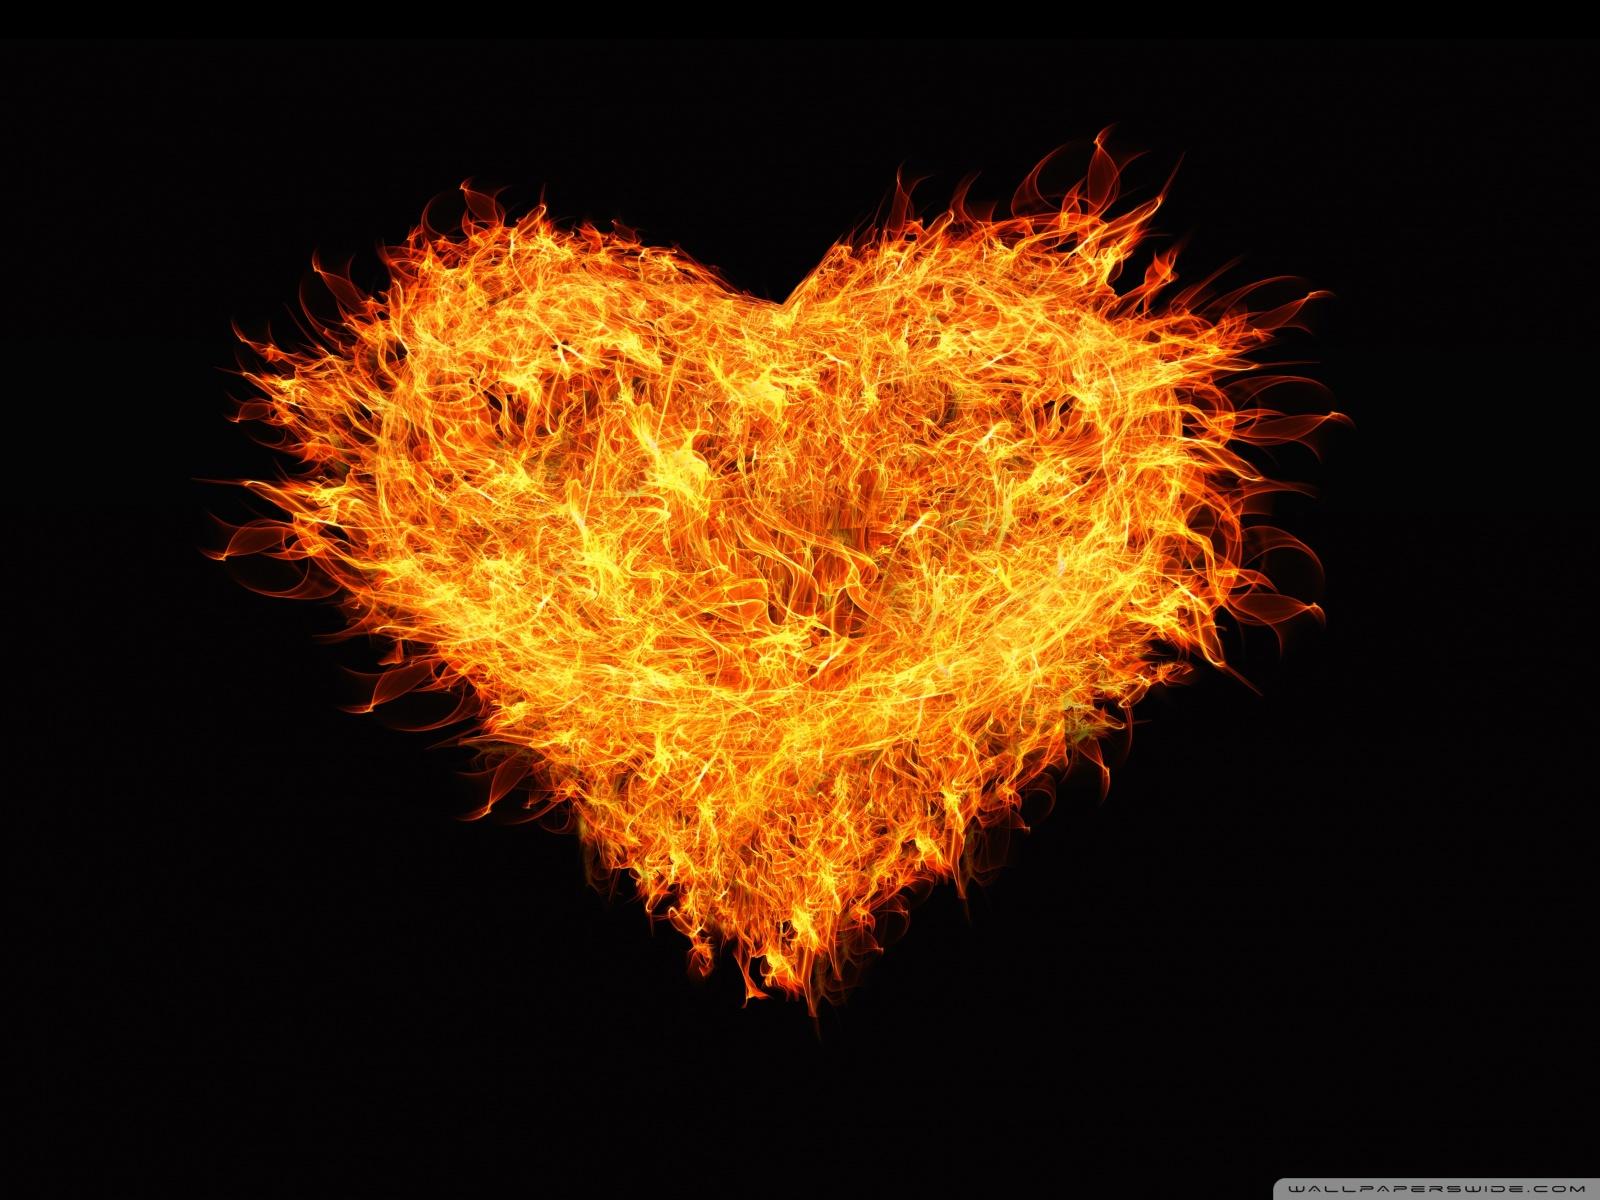 Wallpaper Fire Heart 1600x1200